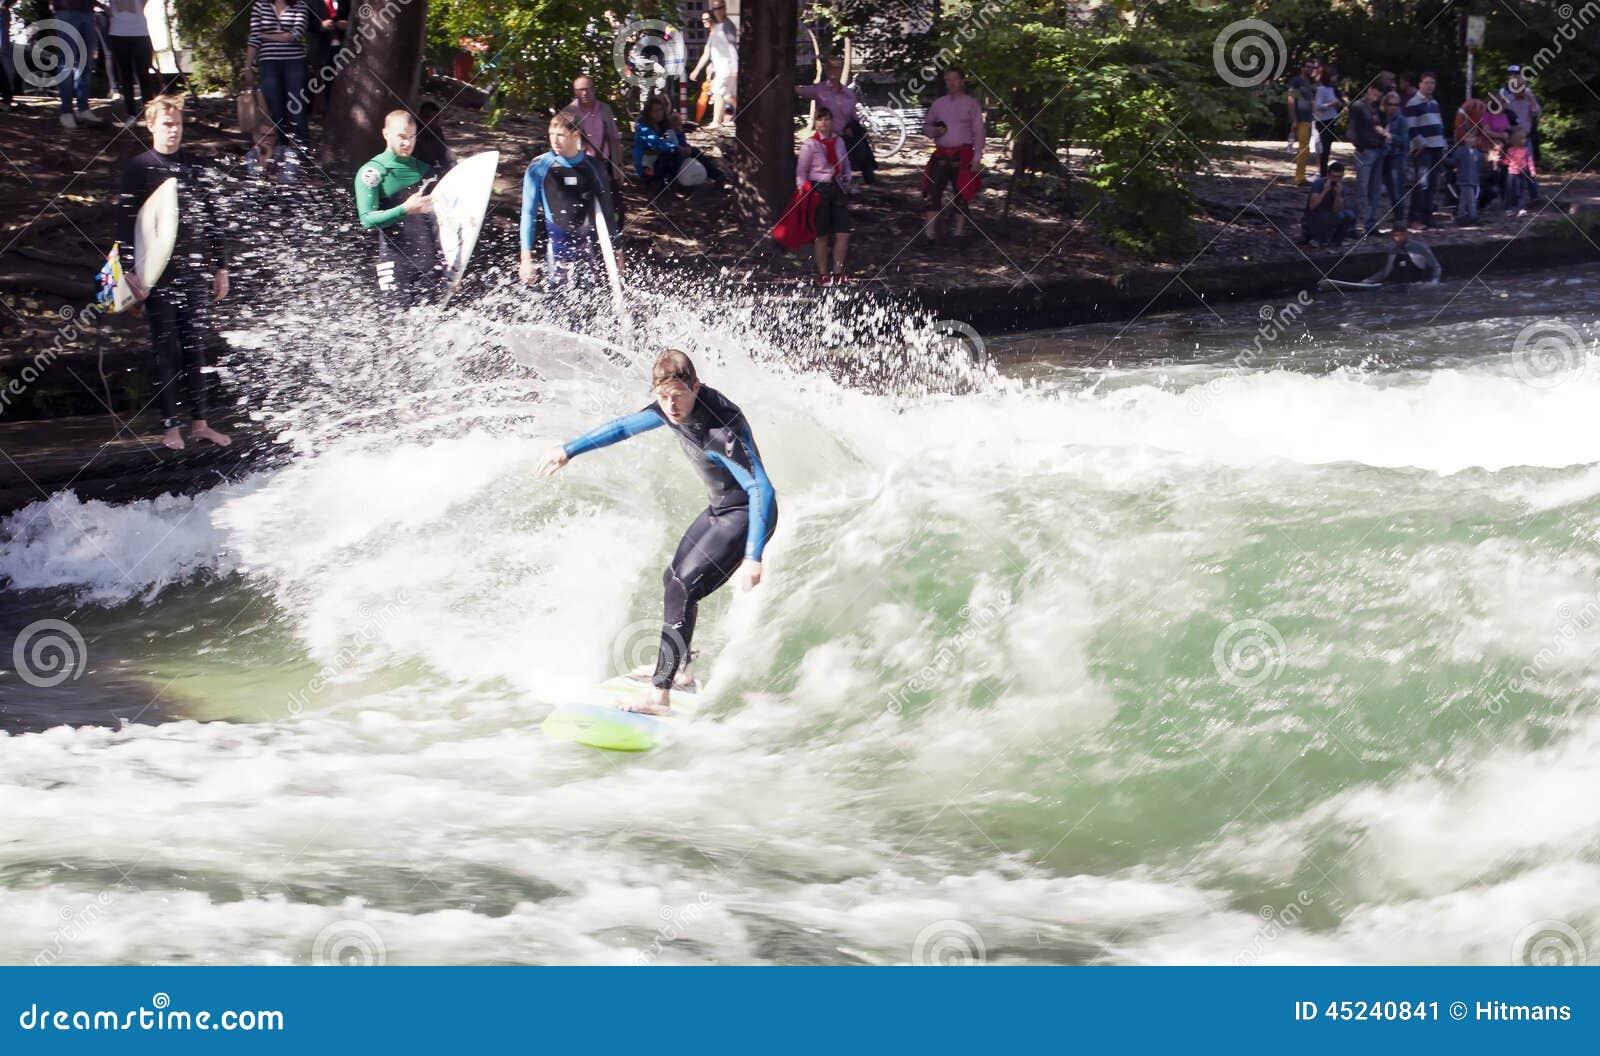 МЮНХЕН, ГЕРМАНИЯ - 1-ОЕ НОЯБРЯ: Серферы тренируют на искусственной волне о 1 метре высокий в реке Eisbach в английском саде